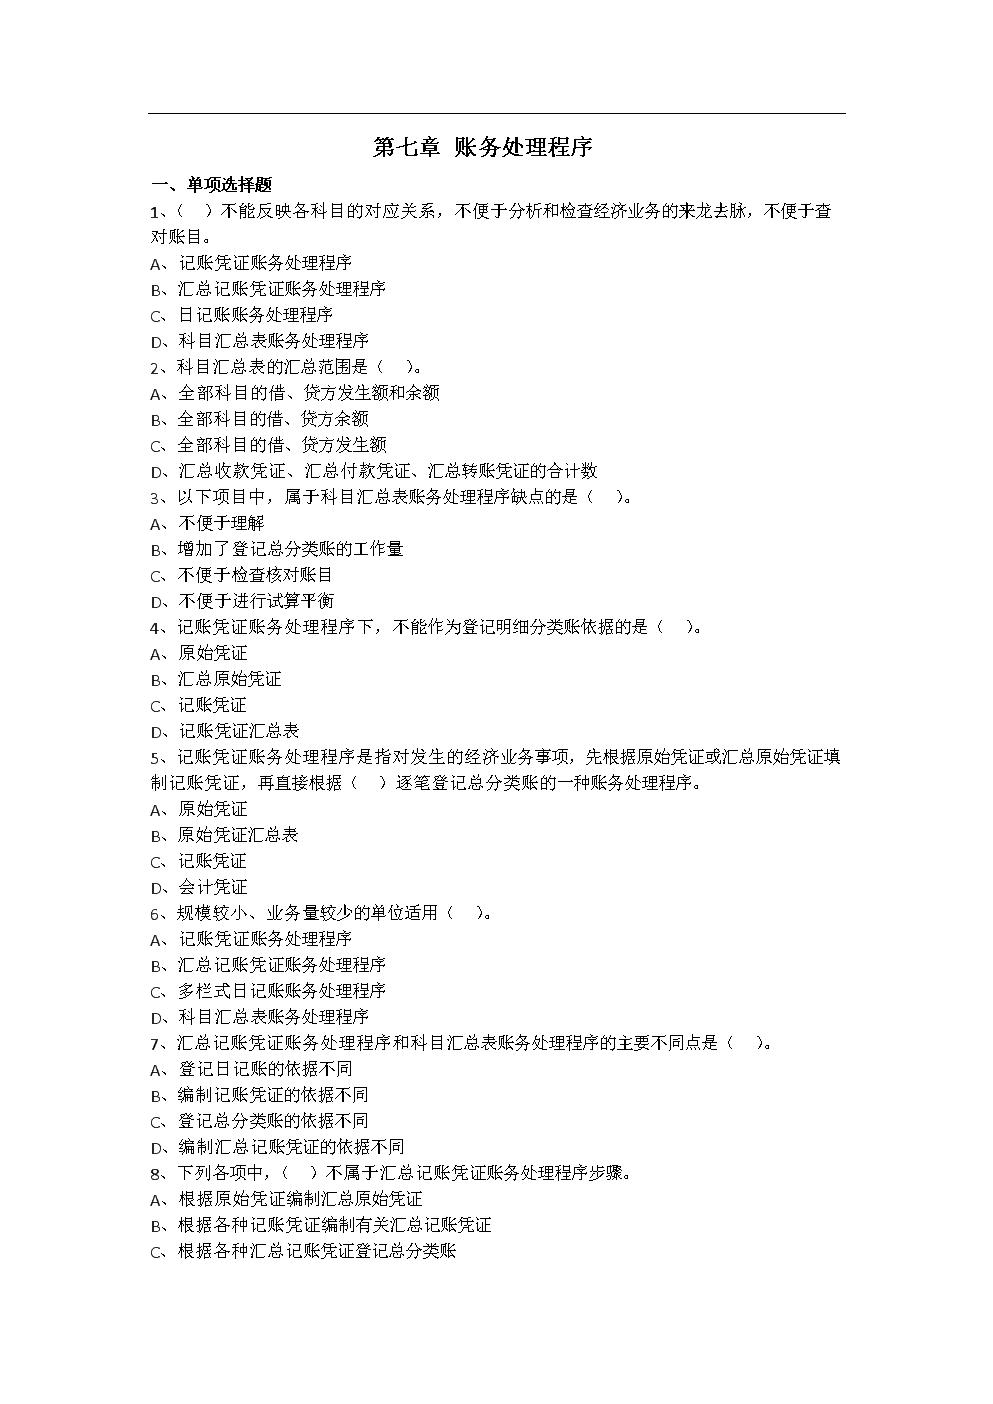 第七章-账务处理程序(练习题-附答案解析).doc